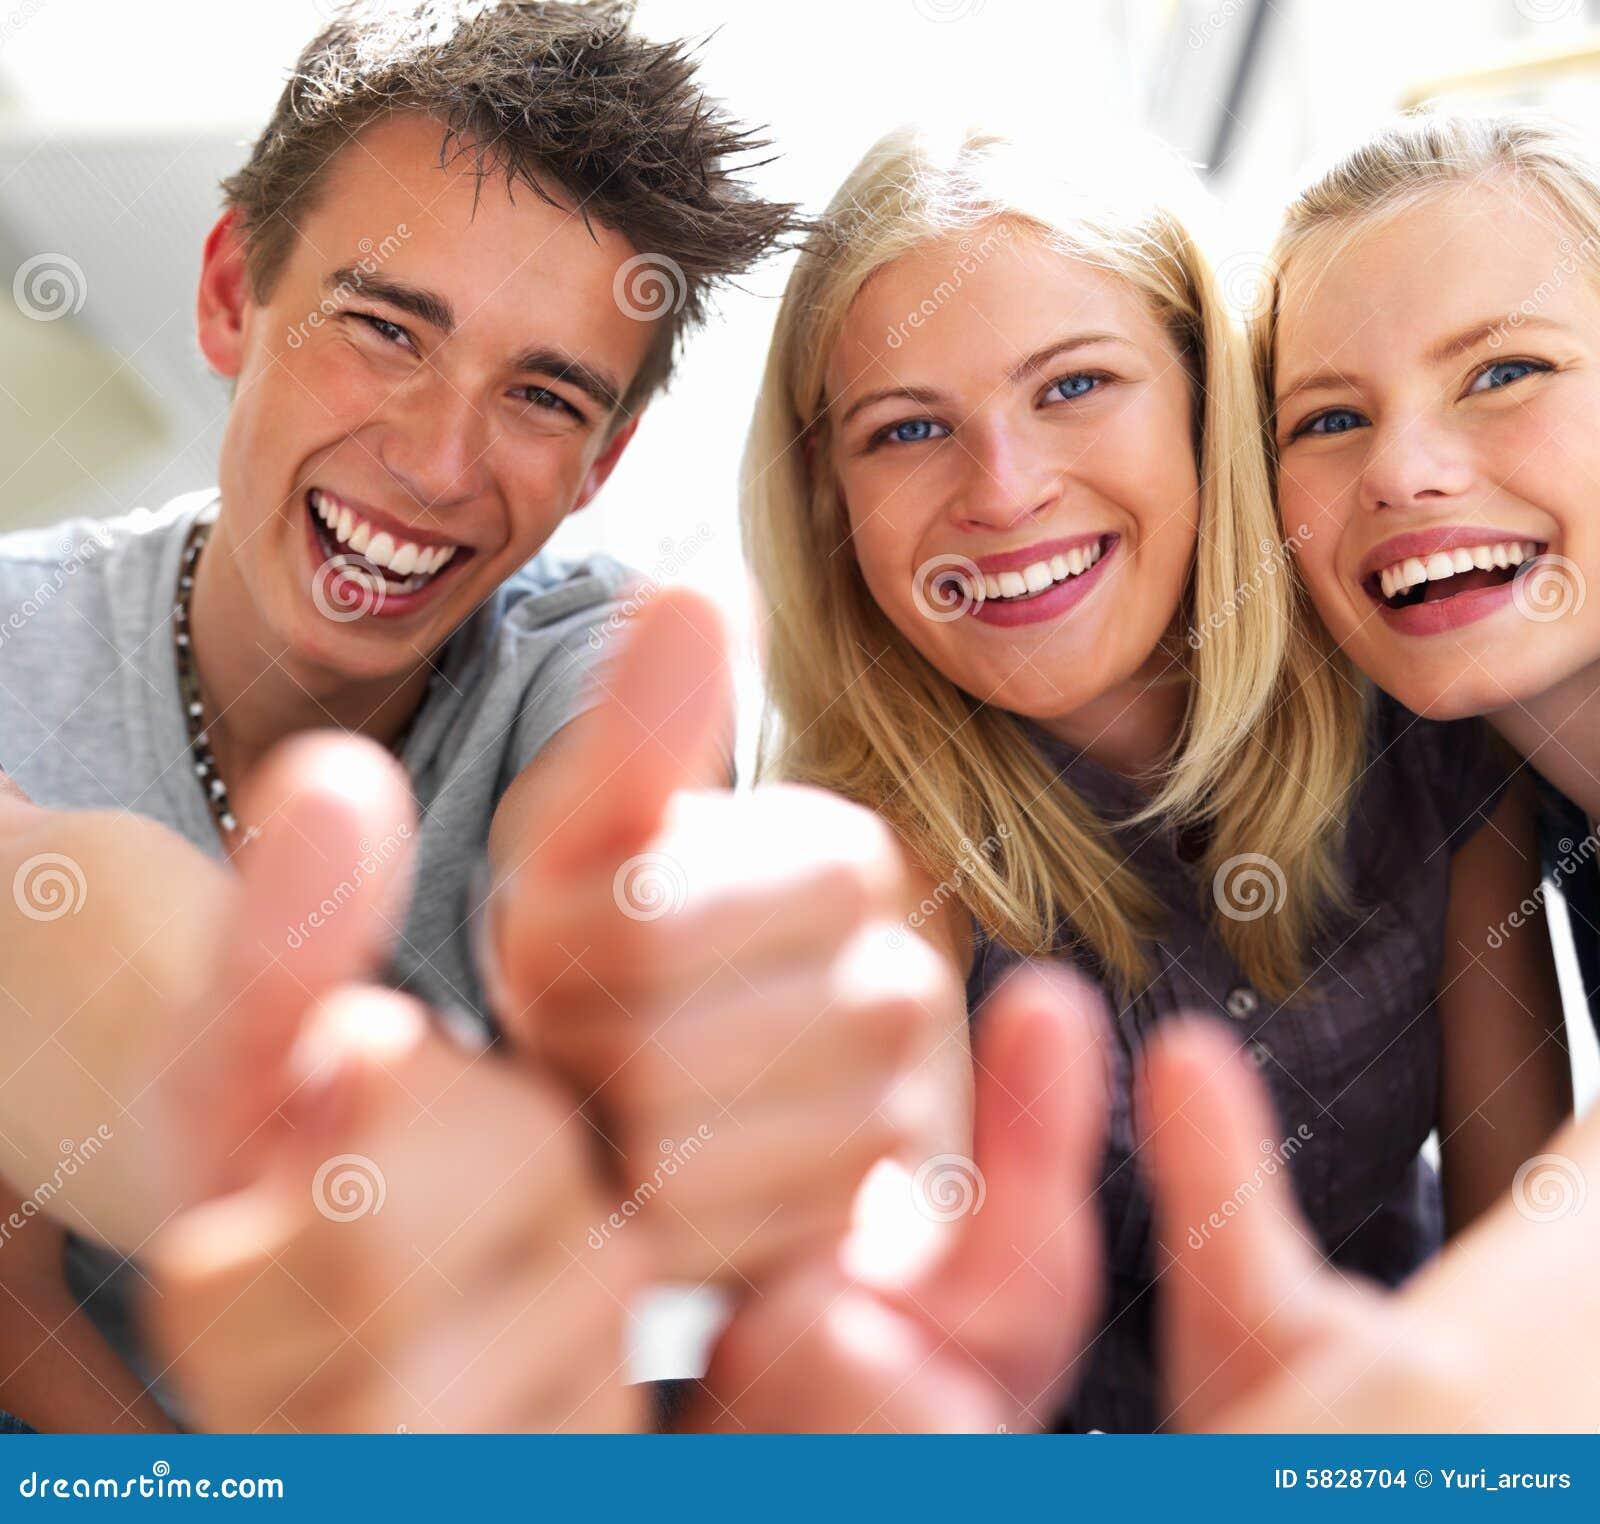 Individuos felices y muchachas que expresan felicidad 5828704